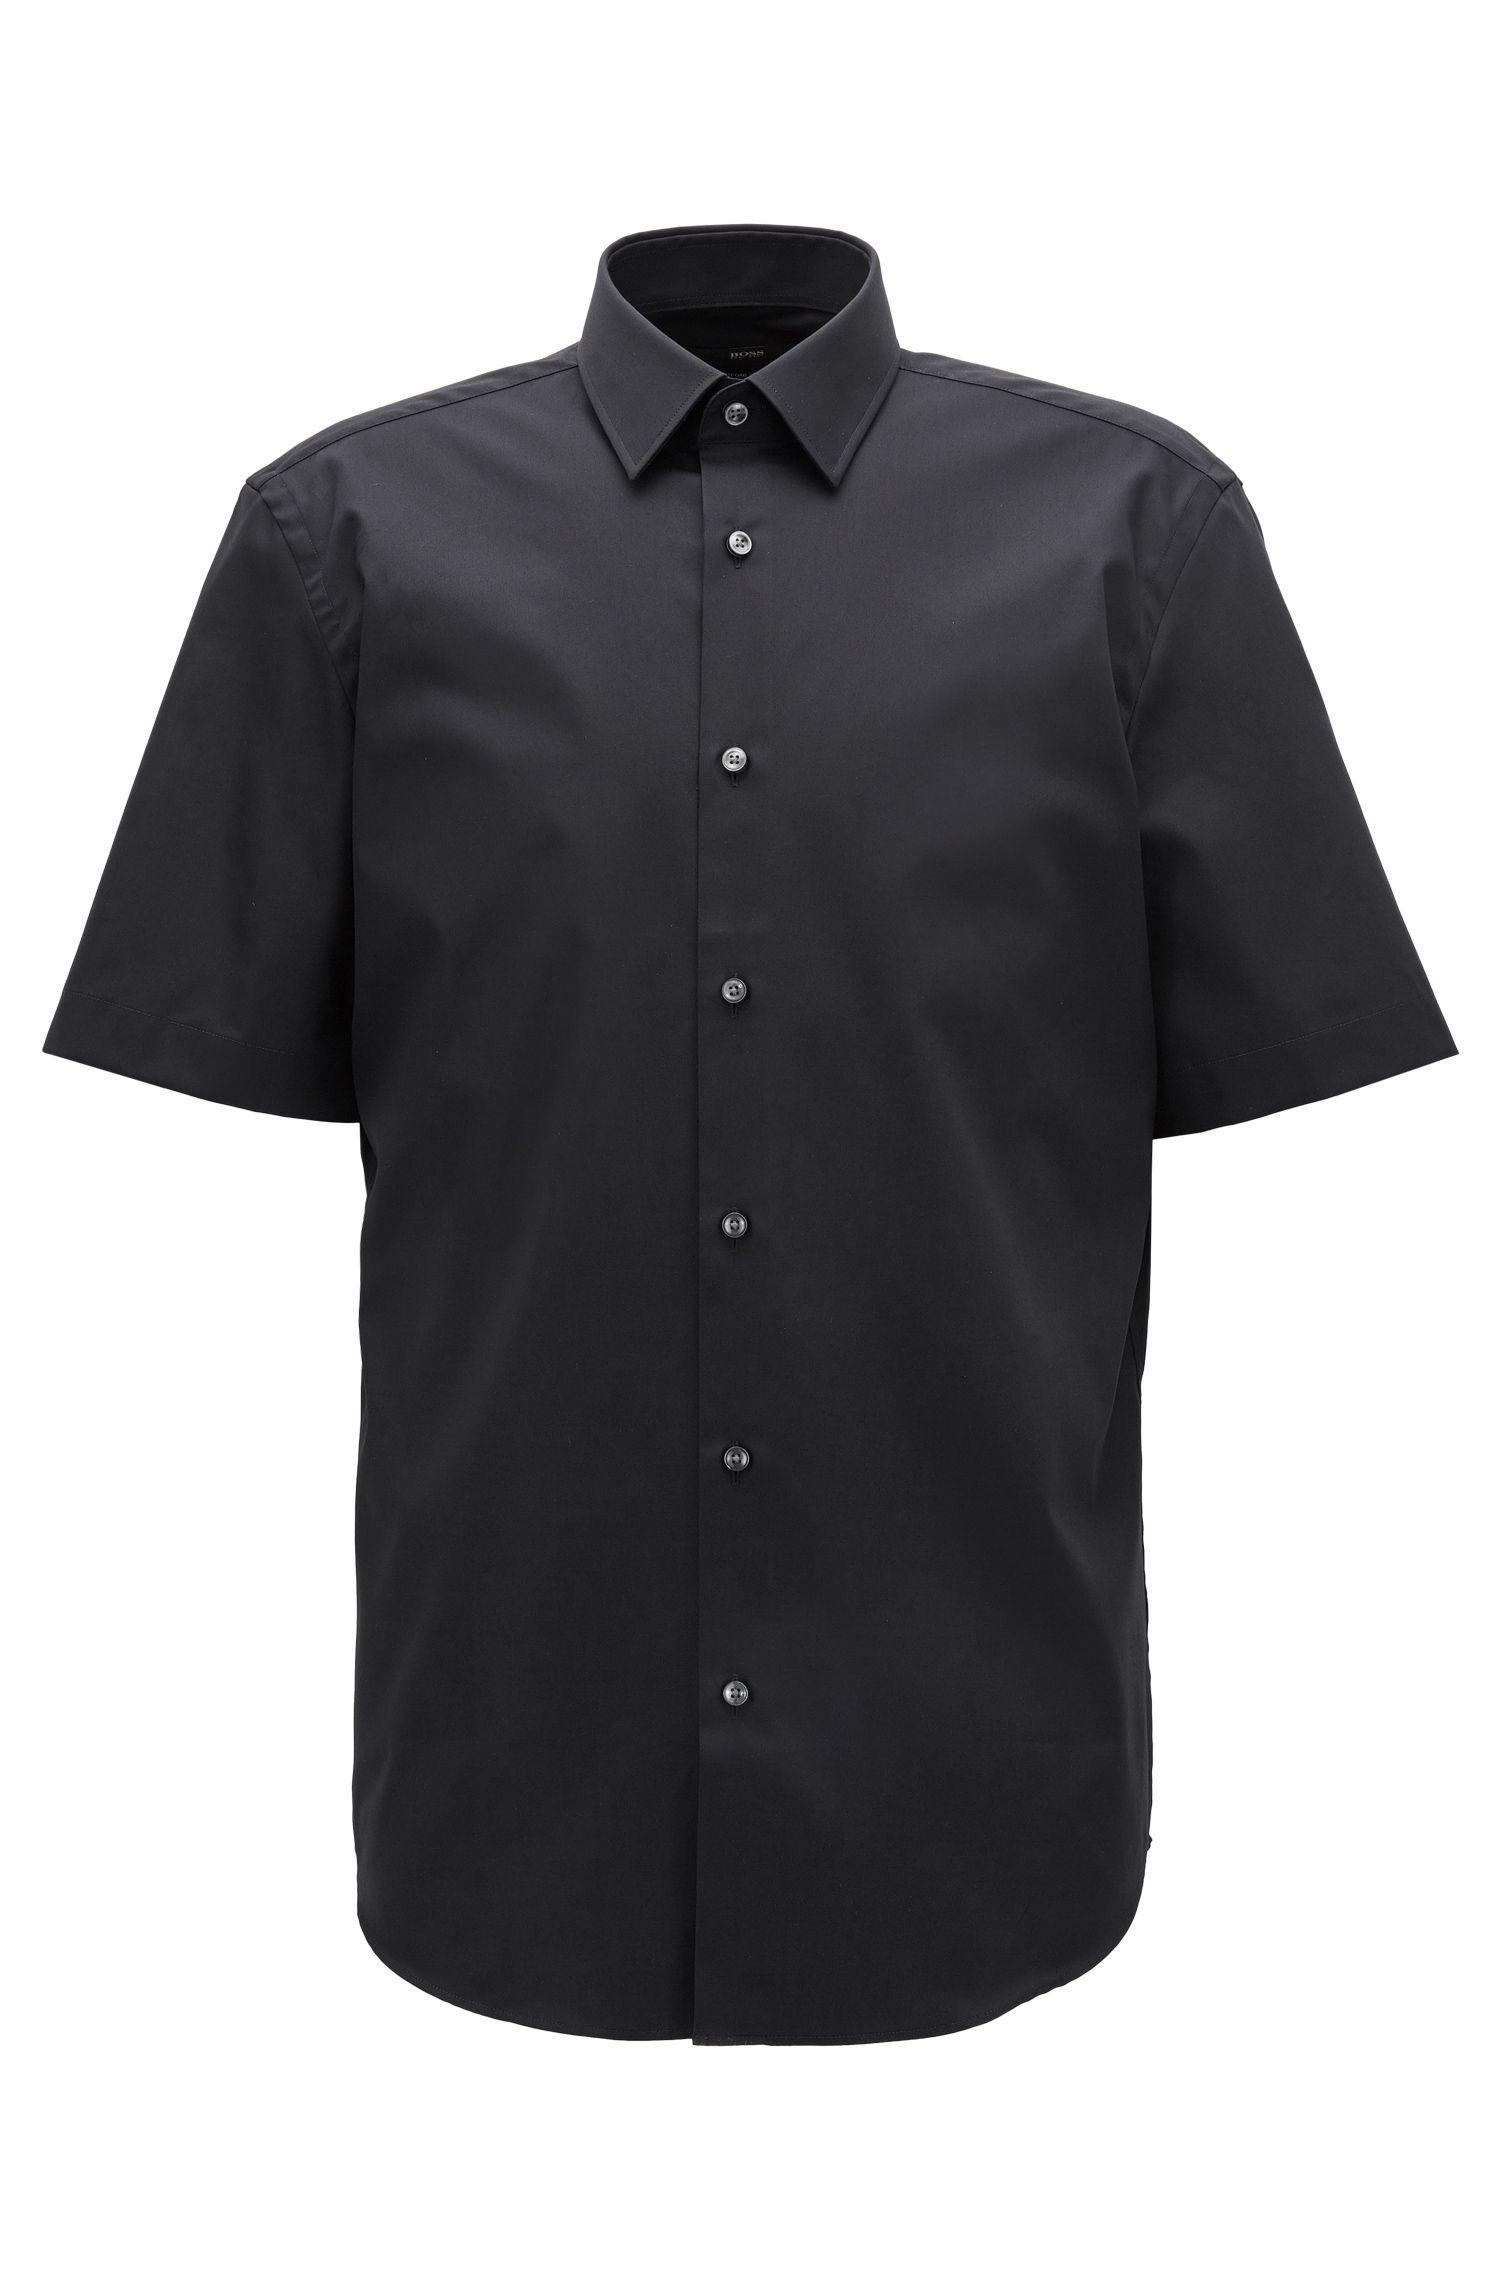 Overhemd van gemakkelijk te strijken katoenen popeline met korte mouwen